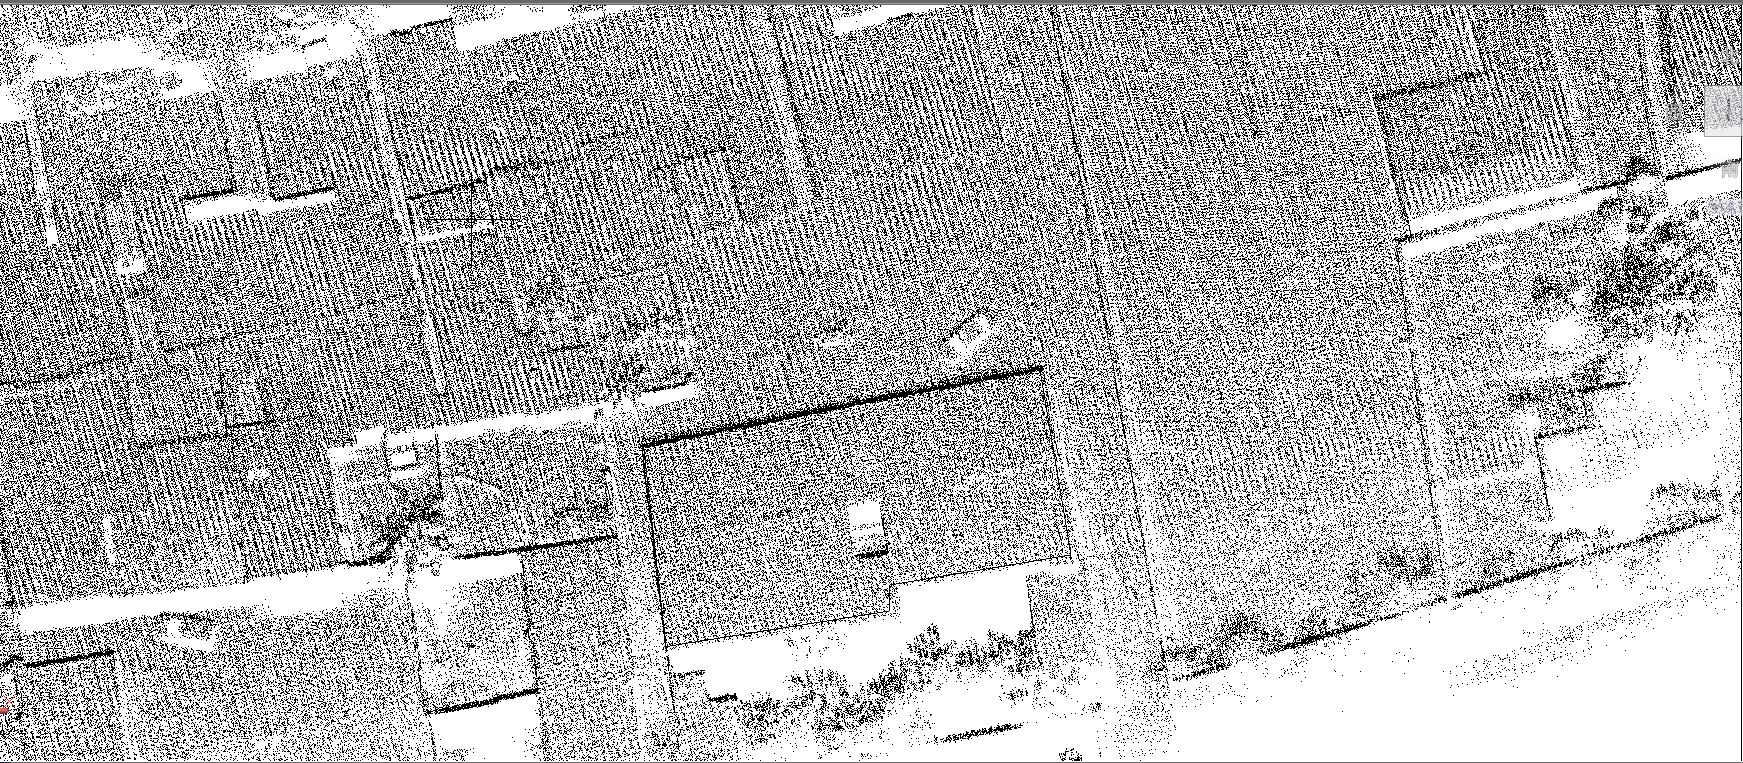 机载激光雷达系统在复杂地形测量中的应用,复杂地形测量中地形图制作中的地物绘制展示图,华测激光雷达系统应用于复杂地形测量中的案例分享